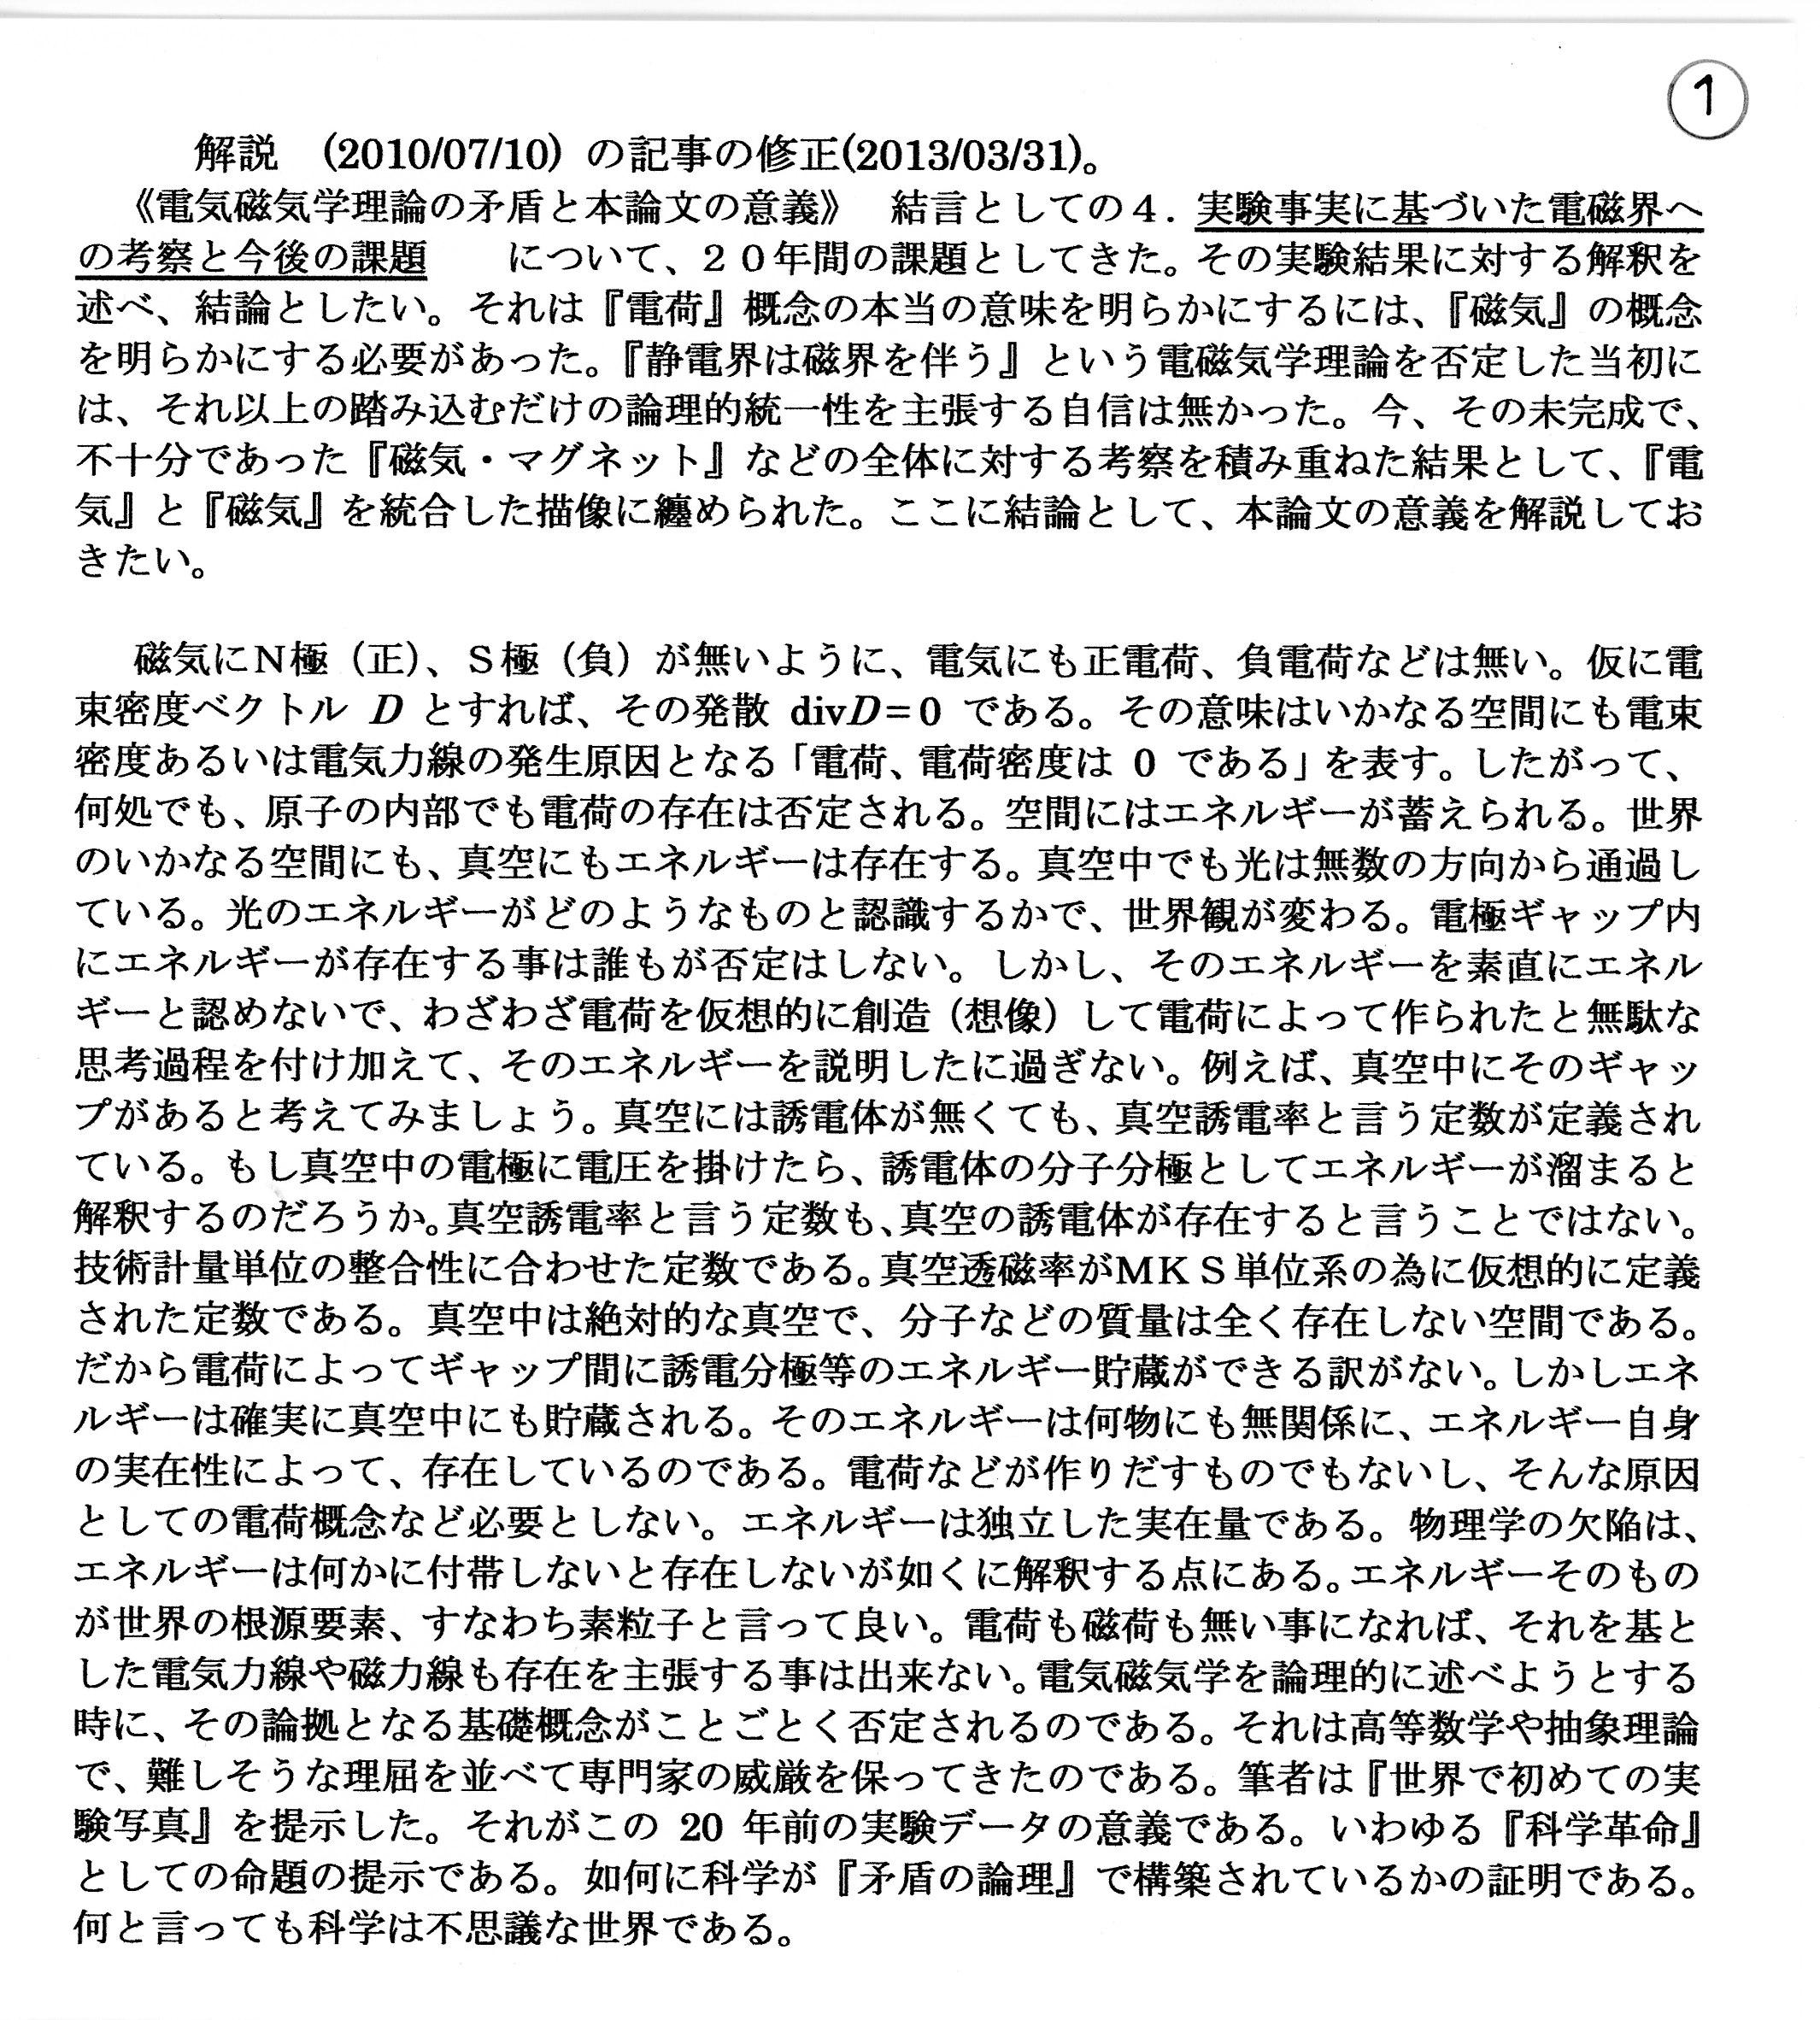 静電界解説(1)